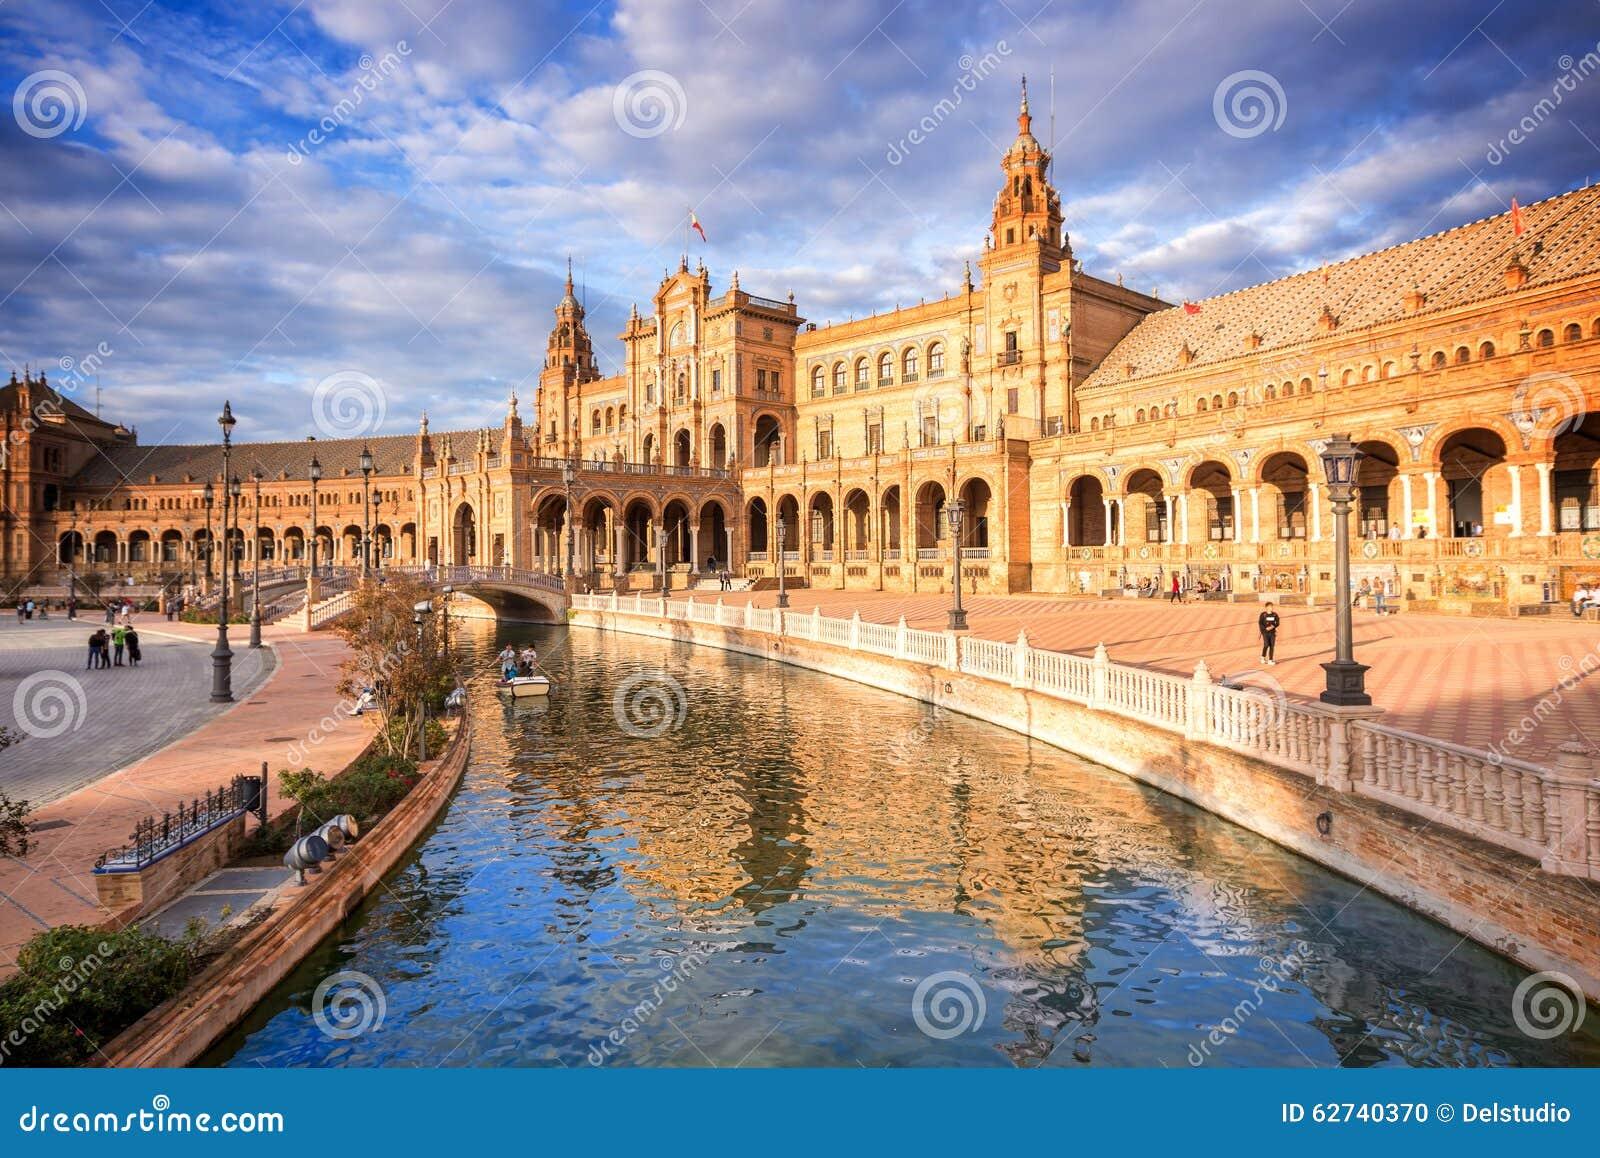 Plaza de Espana (Spain square) in Seville, Spain